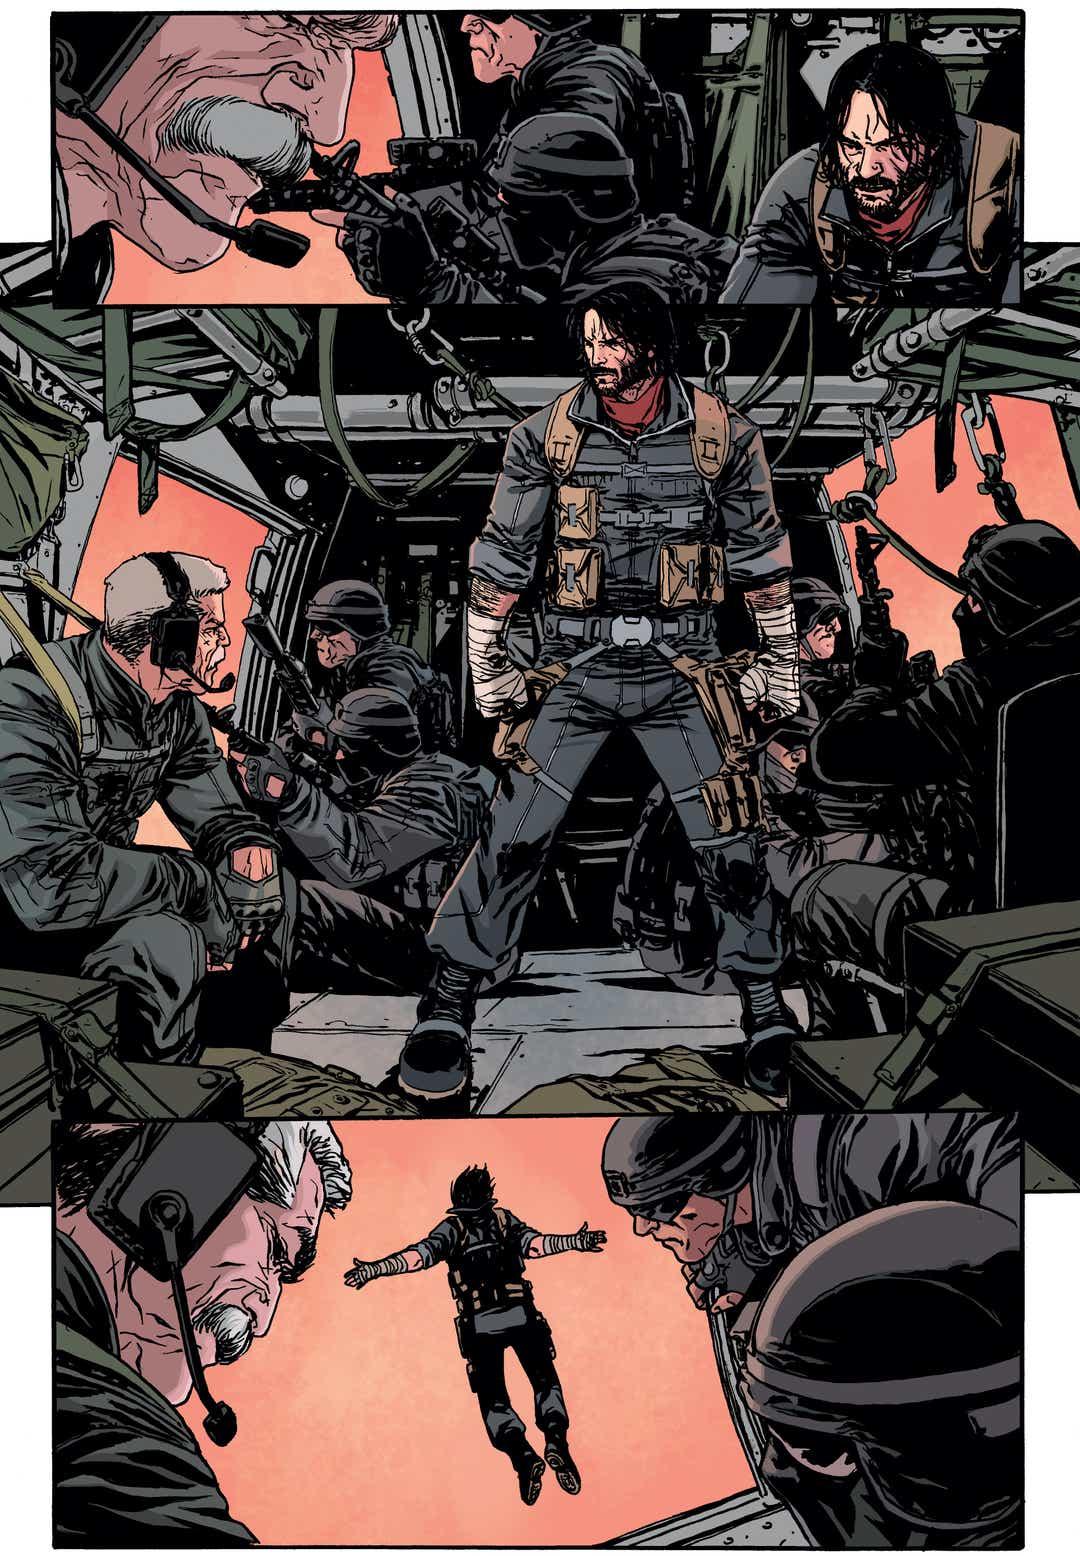 Kadr z komiksu Keanu Reevesa